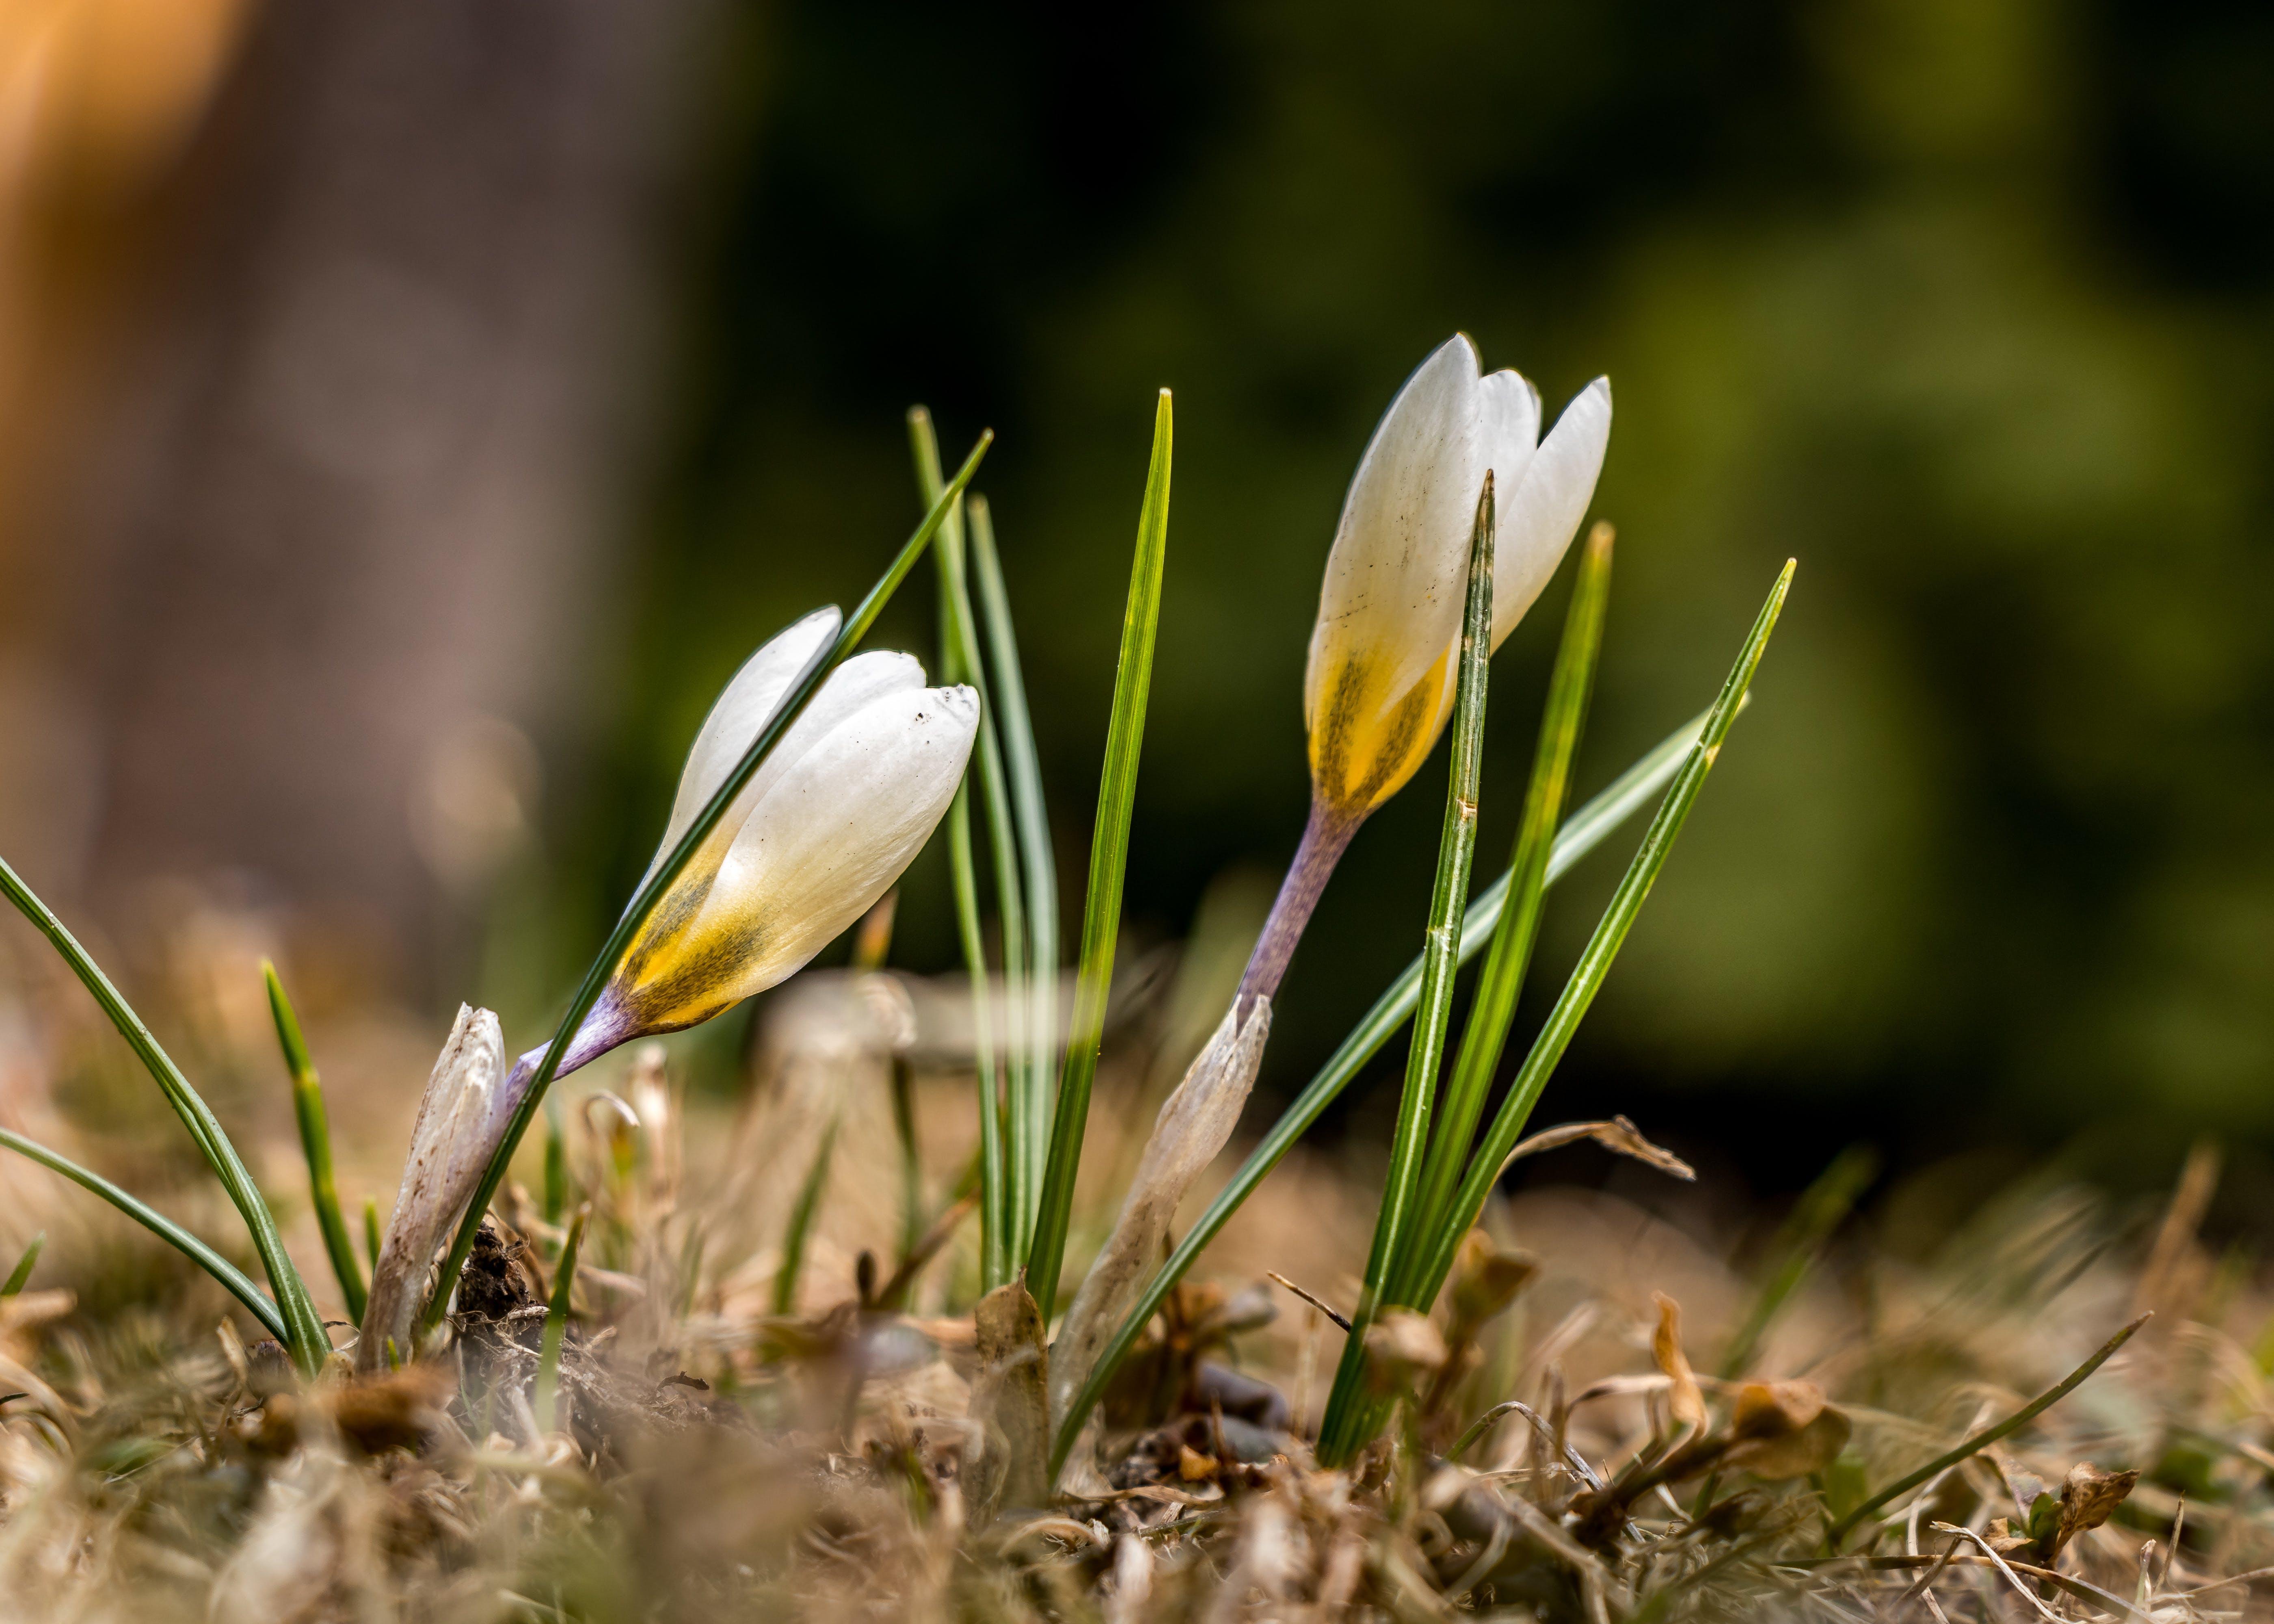 Δωρεάν στοκ φωτογραφιών με ανοιξιάτικα λουλούδια, ανοιξιάτικο λουλούδι, καταπληκτικός, μητέρα φύση